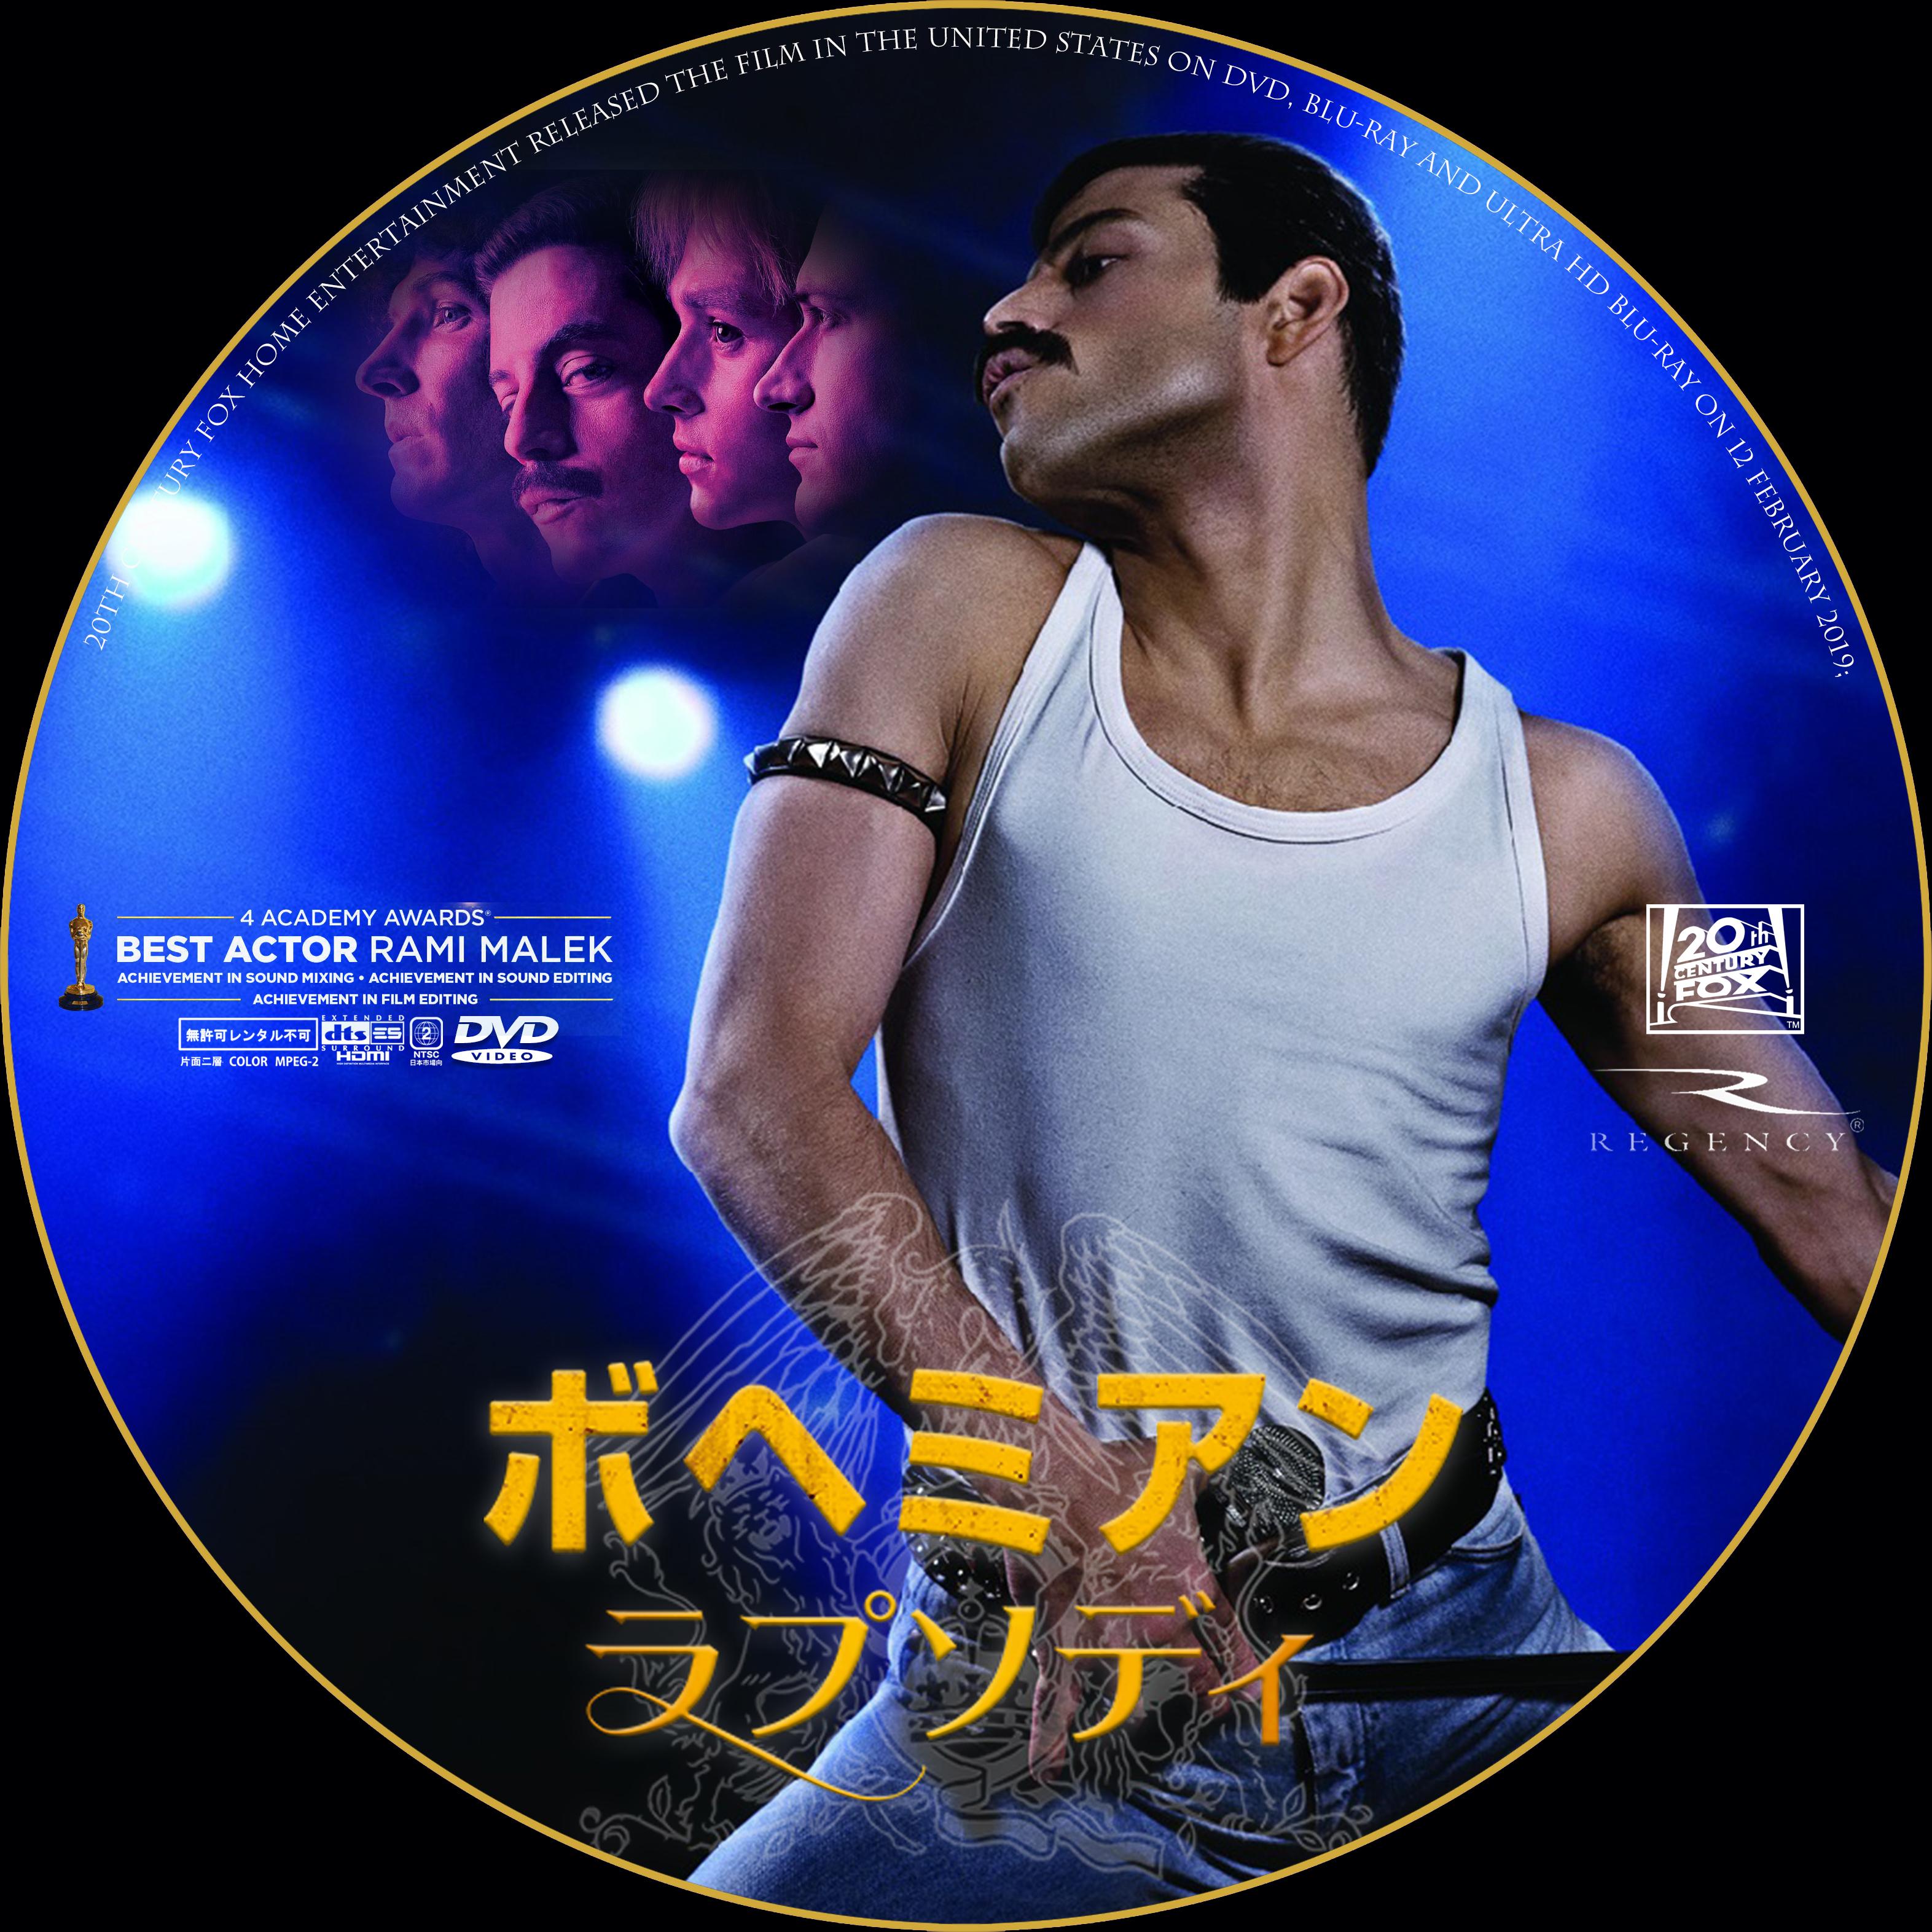 ラベル4 · DVD 7mmジャケット